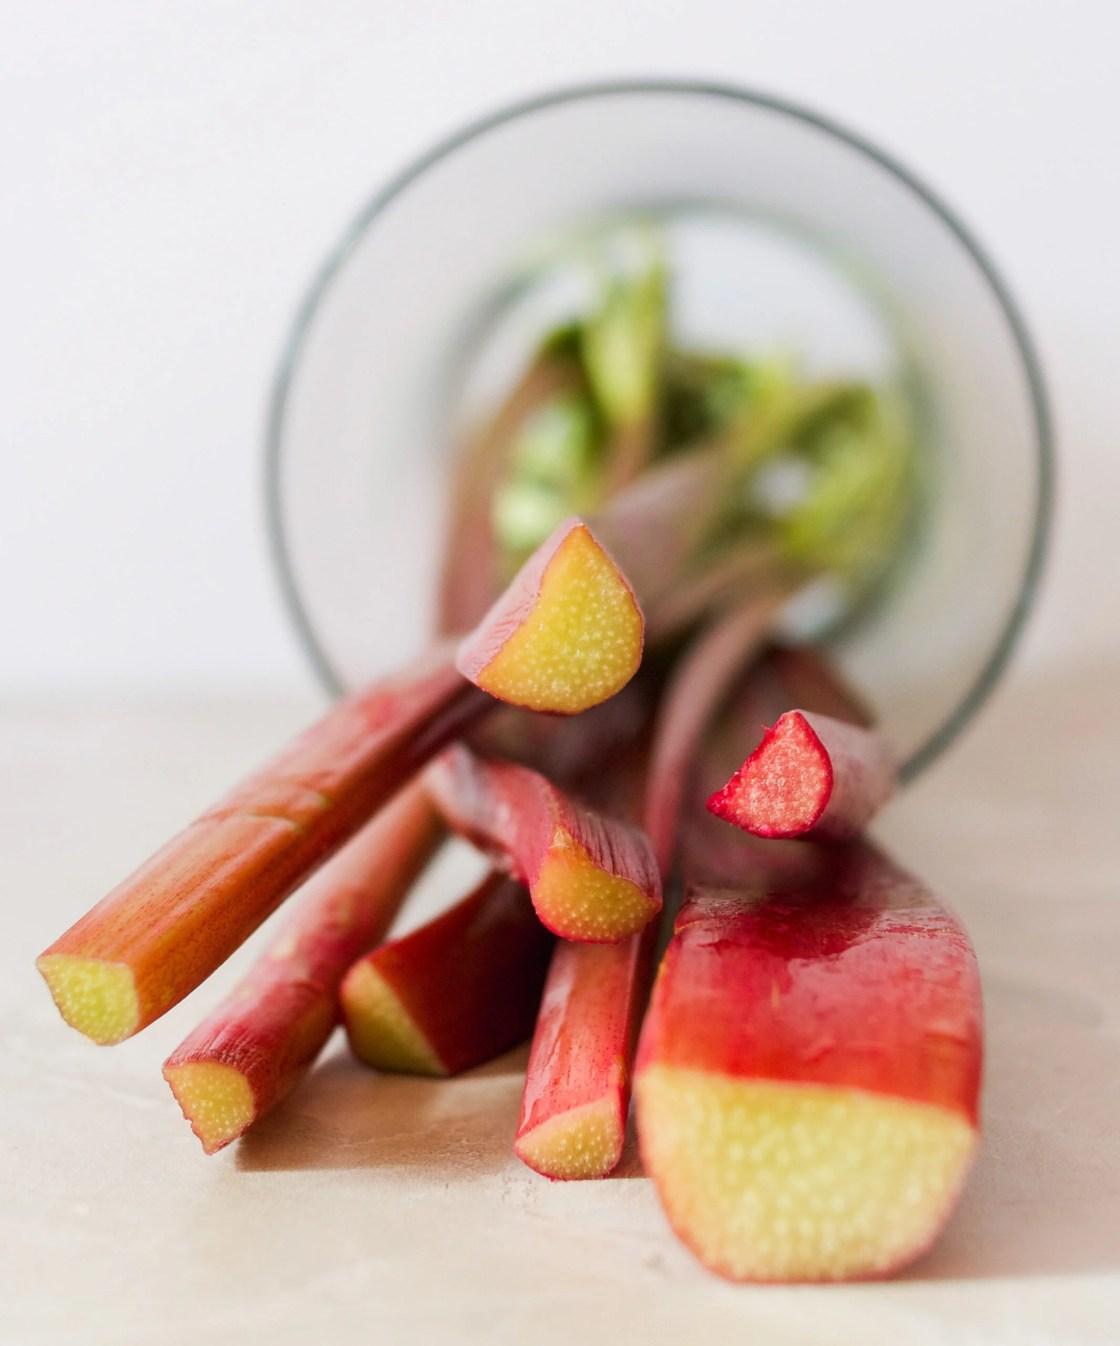 rhubarb stalks set on their side in a glass jar